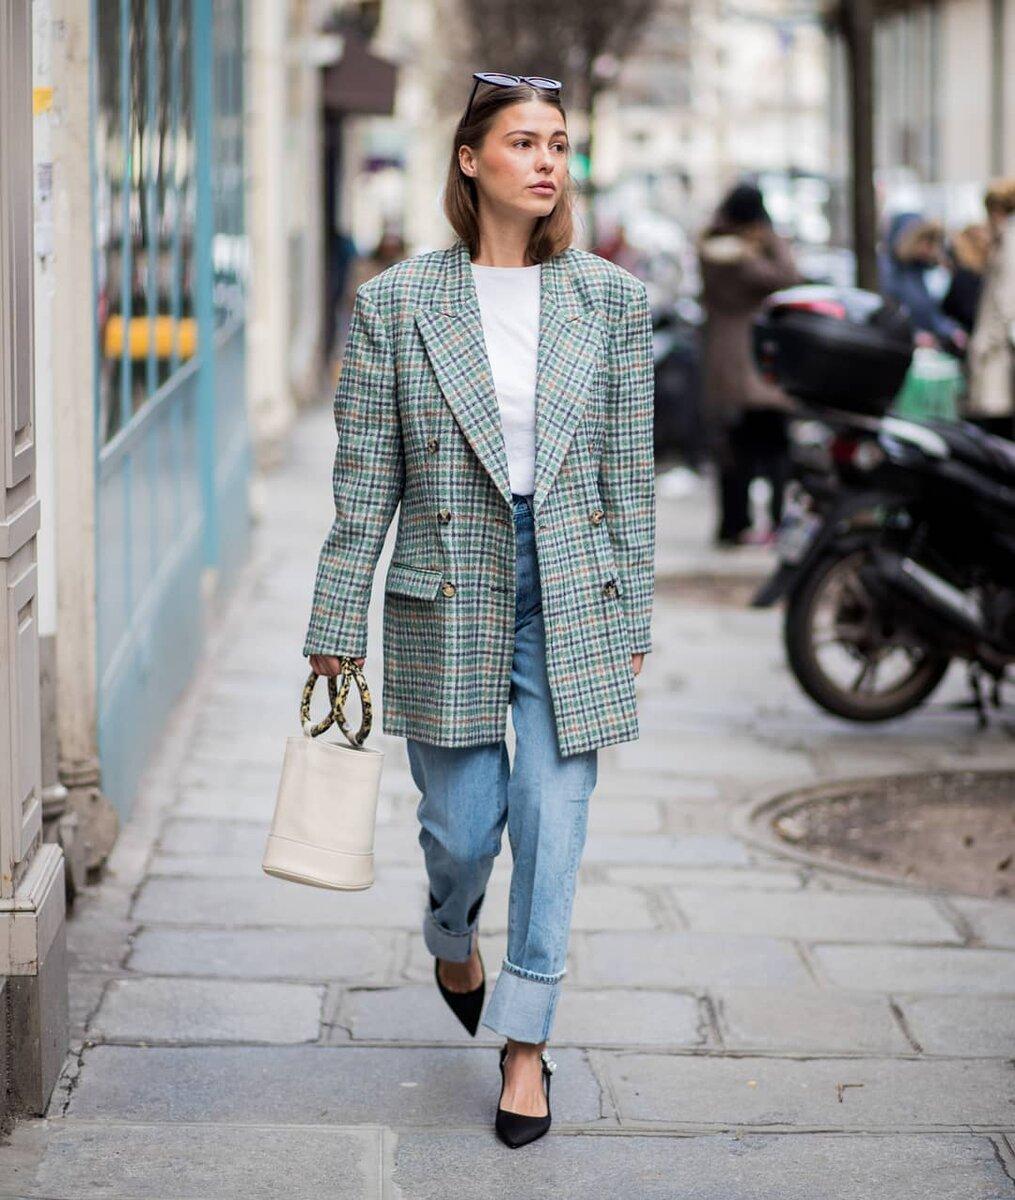 7 вещей, в которых женщина будет нелепо выглядеть в повседневной жизни аксессуары,гардероб,красота,мода,мода и красота,модные образы,модные сеты,модные советы,модные тенденции,обувь,одежда и аксессуары,стиль,стиль жизни,украшения,уличная мода,фигура